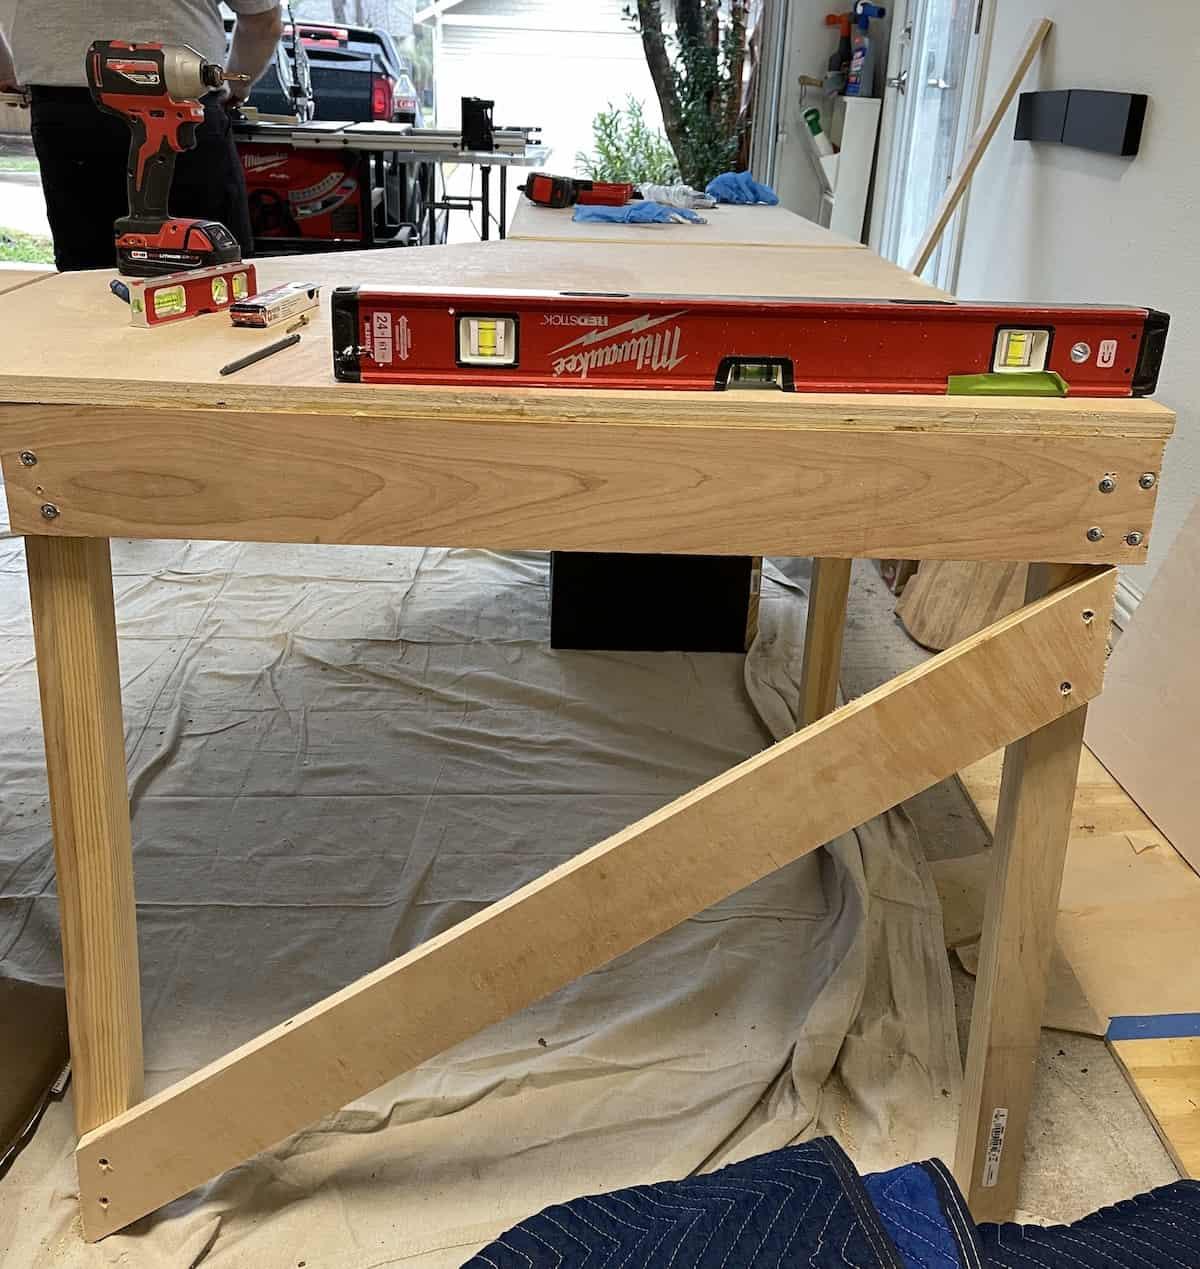 v-shaped brace diy desk